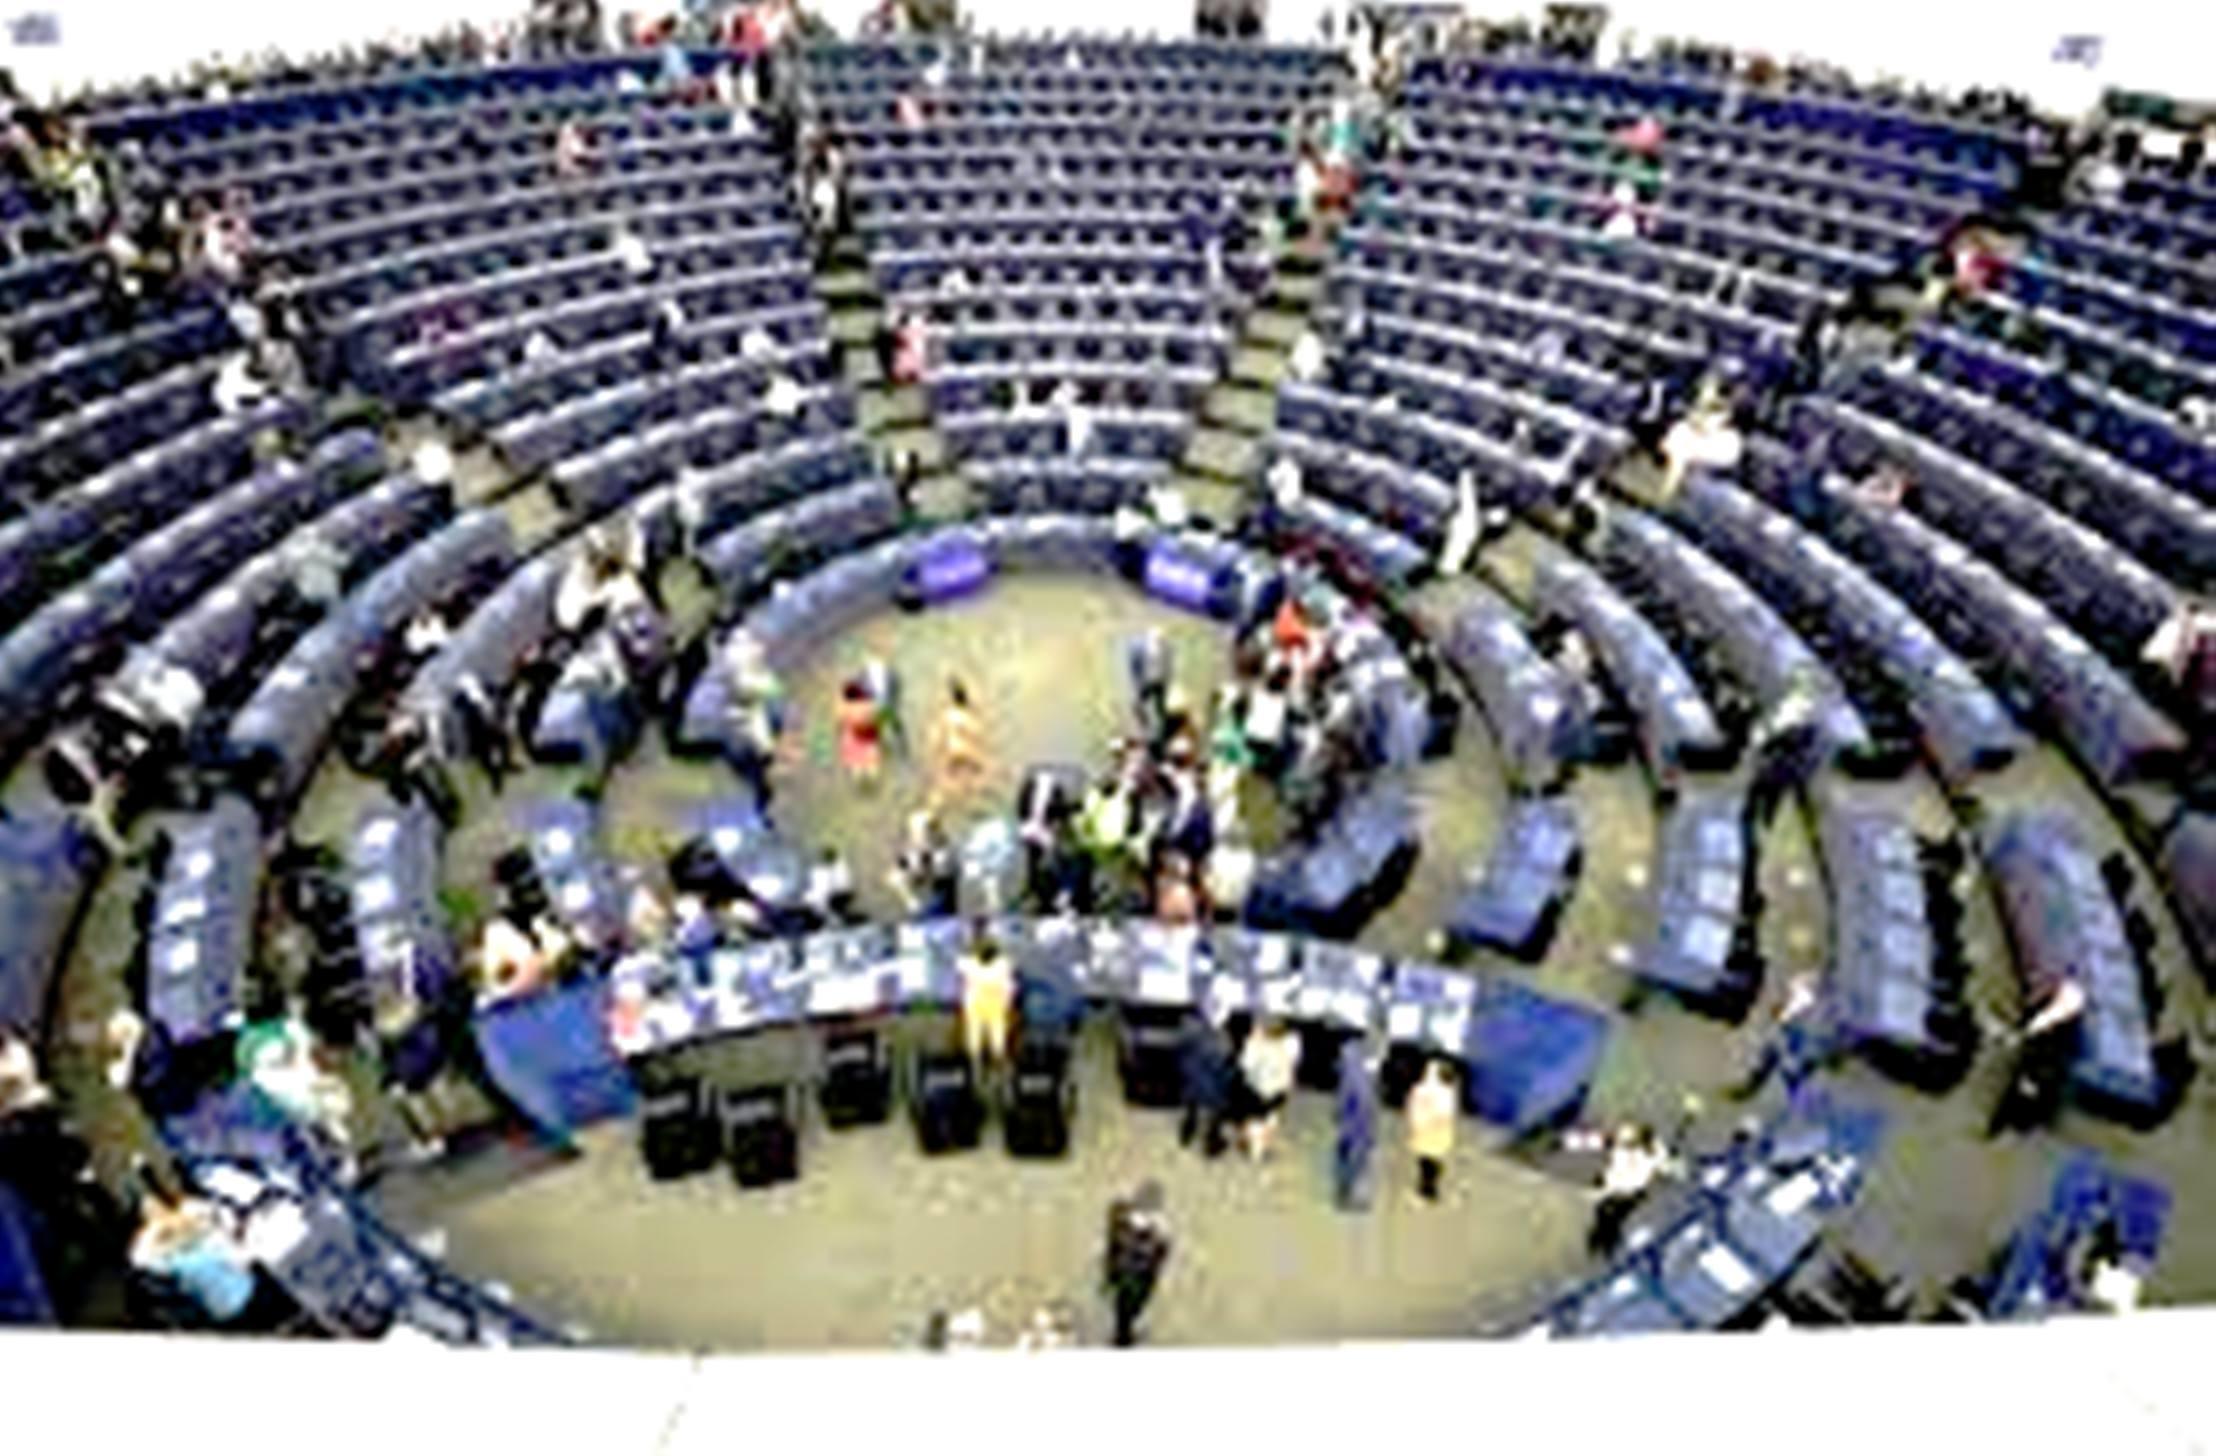 ΕΕ: Αναστέλλονται οι ενταξιακές διαπραγματεύσεις με την